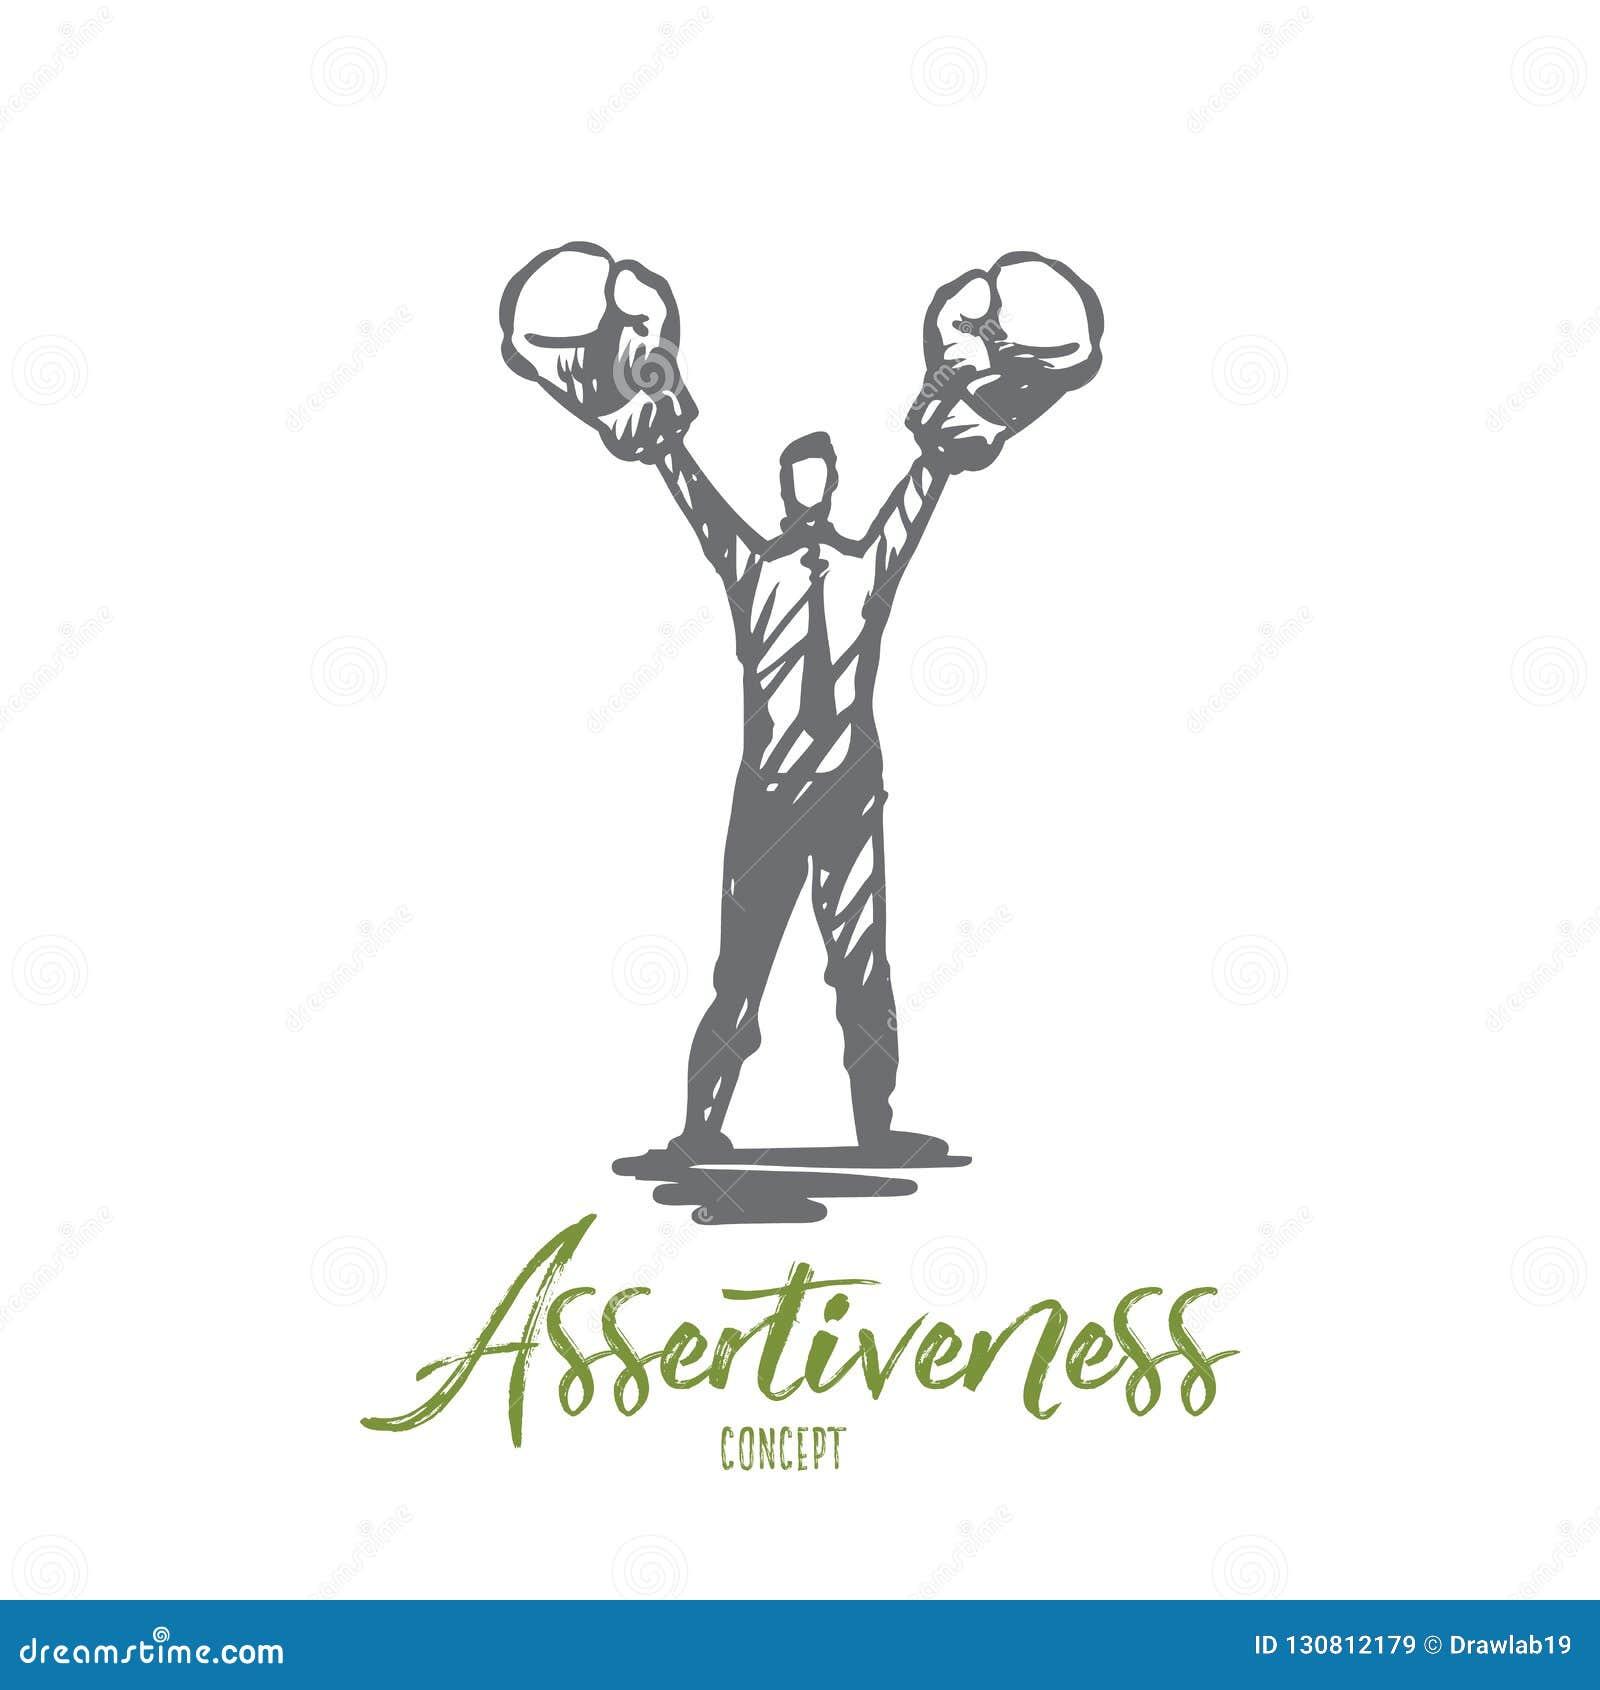 Assertiveness framgång, arbete, kompetens, motivationbegrepp Hand dragen isolerad vektor